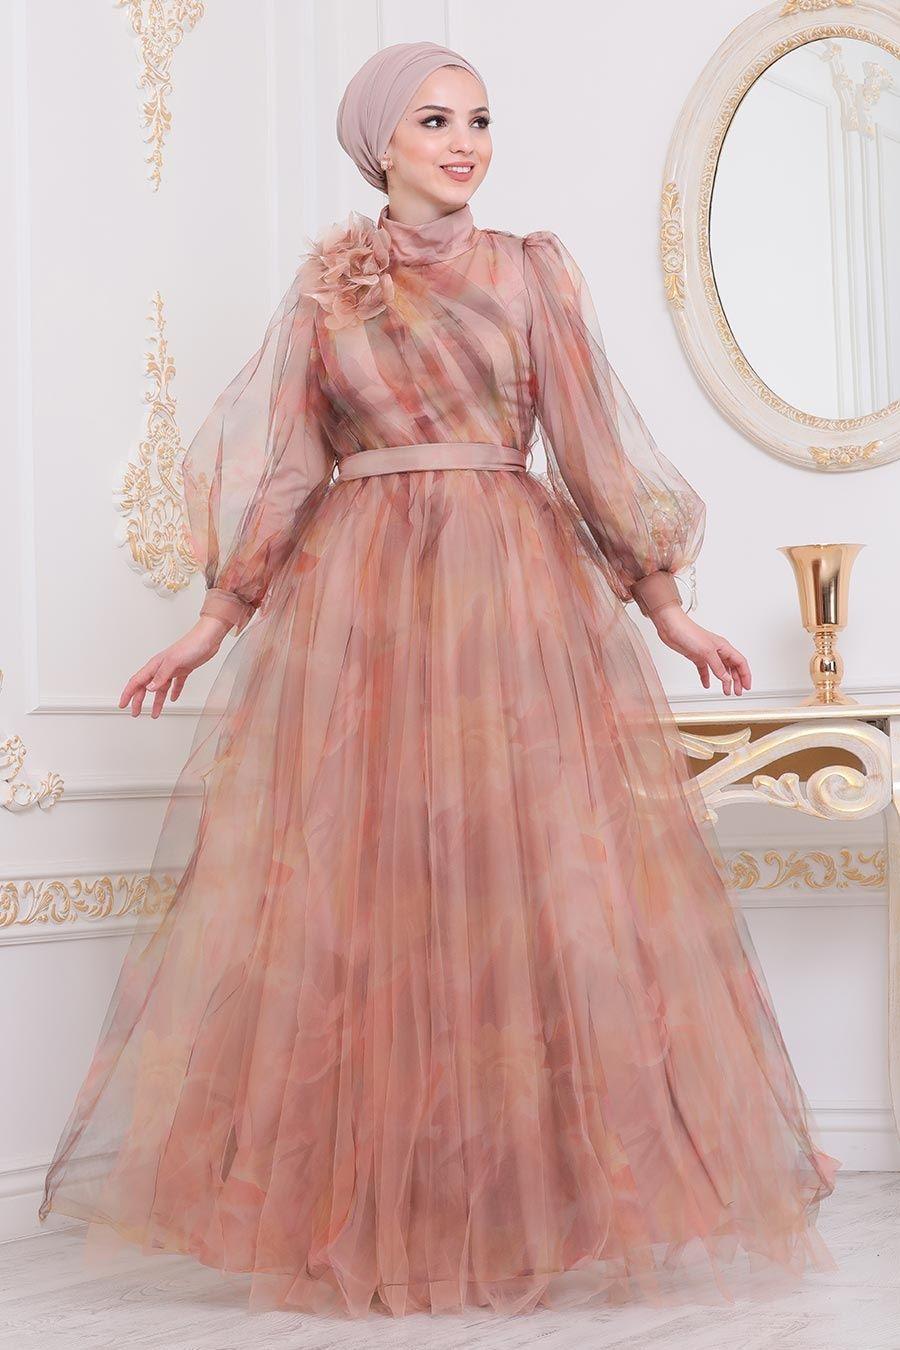 Tesetturlu Abiye Elbise Cicek Detayli Turuncu Tesettur Abiye Elbise 4111t Tesetturisland Com 2020 The Dress Aksamustu Giysileri Elbise